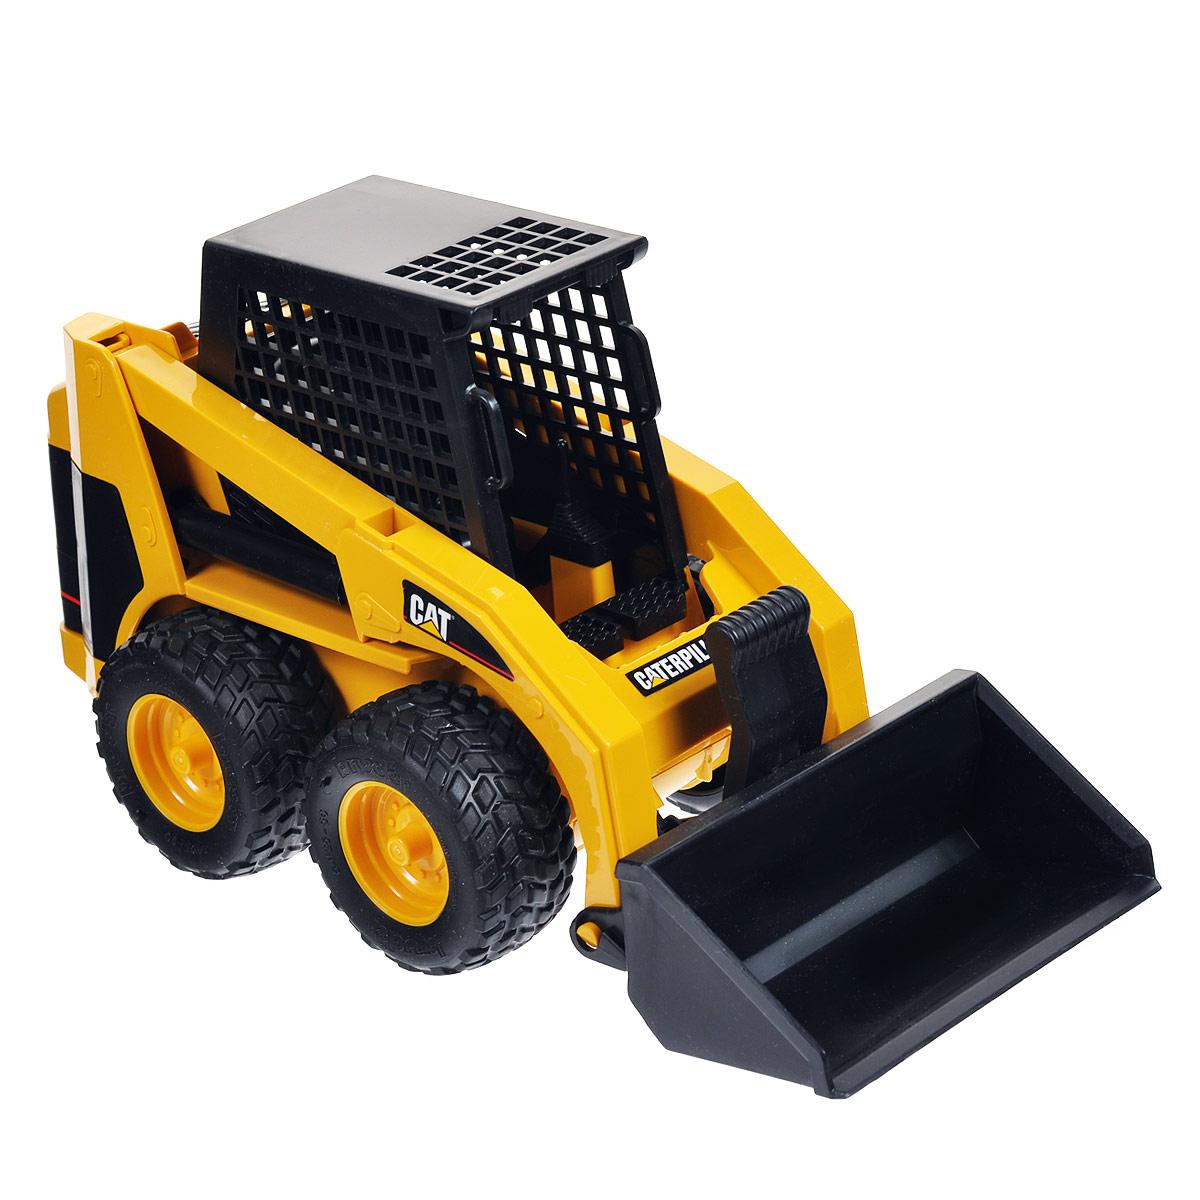 Bruder Мини–погрузчик колесный Cat02-431Колесный мини-погрузчик Bruder Cat, выполненный из прочного материала, отлично подойдет ребенку для различных игр. Машина является уменьшенной копией экскаватора-погрузчика фирмы Cat. Мини-погрузчик часто используется для уборки улиц. Ковш регулируется по высоте и меняет угол наклона. Есть возможность заменить ковш на другие аксессуары (не входят в комплект). Колеса машины прорезинены, что обеспечивает ему дополнительную устойчивость и хорошее сцепление с дорогой. С этим реалистично выполненным погрузчиком ваш малыш часами будет занят игрой.